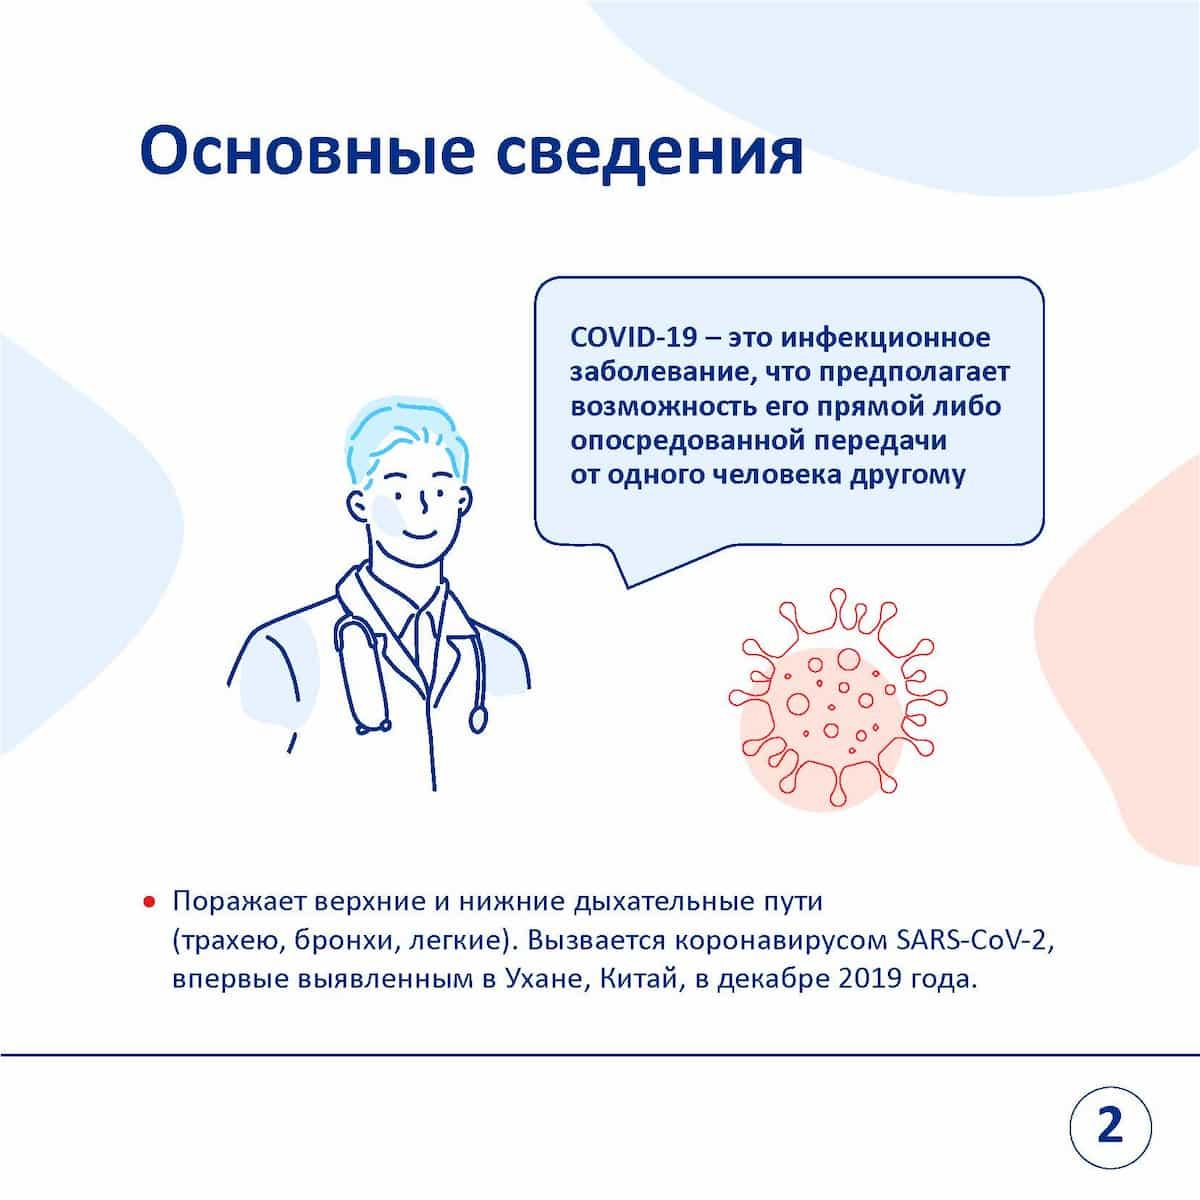 основные сведения про коронавирус